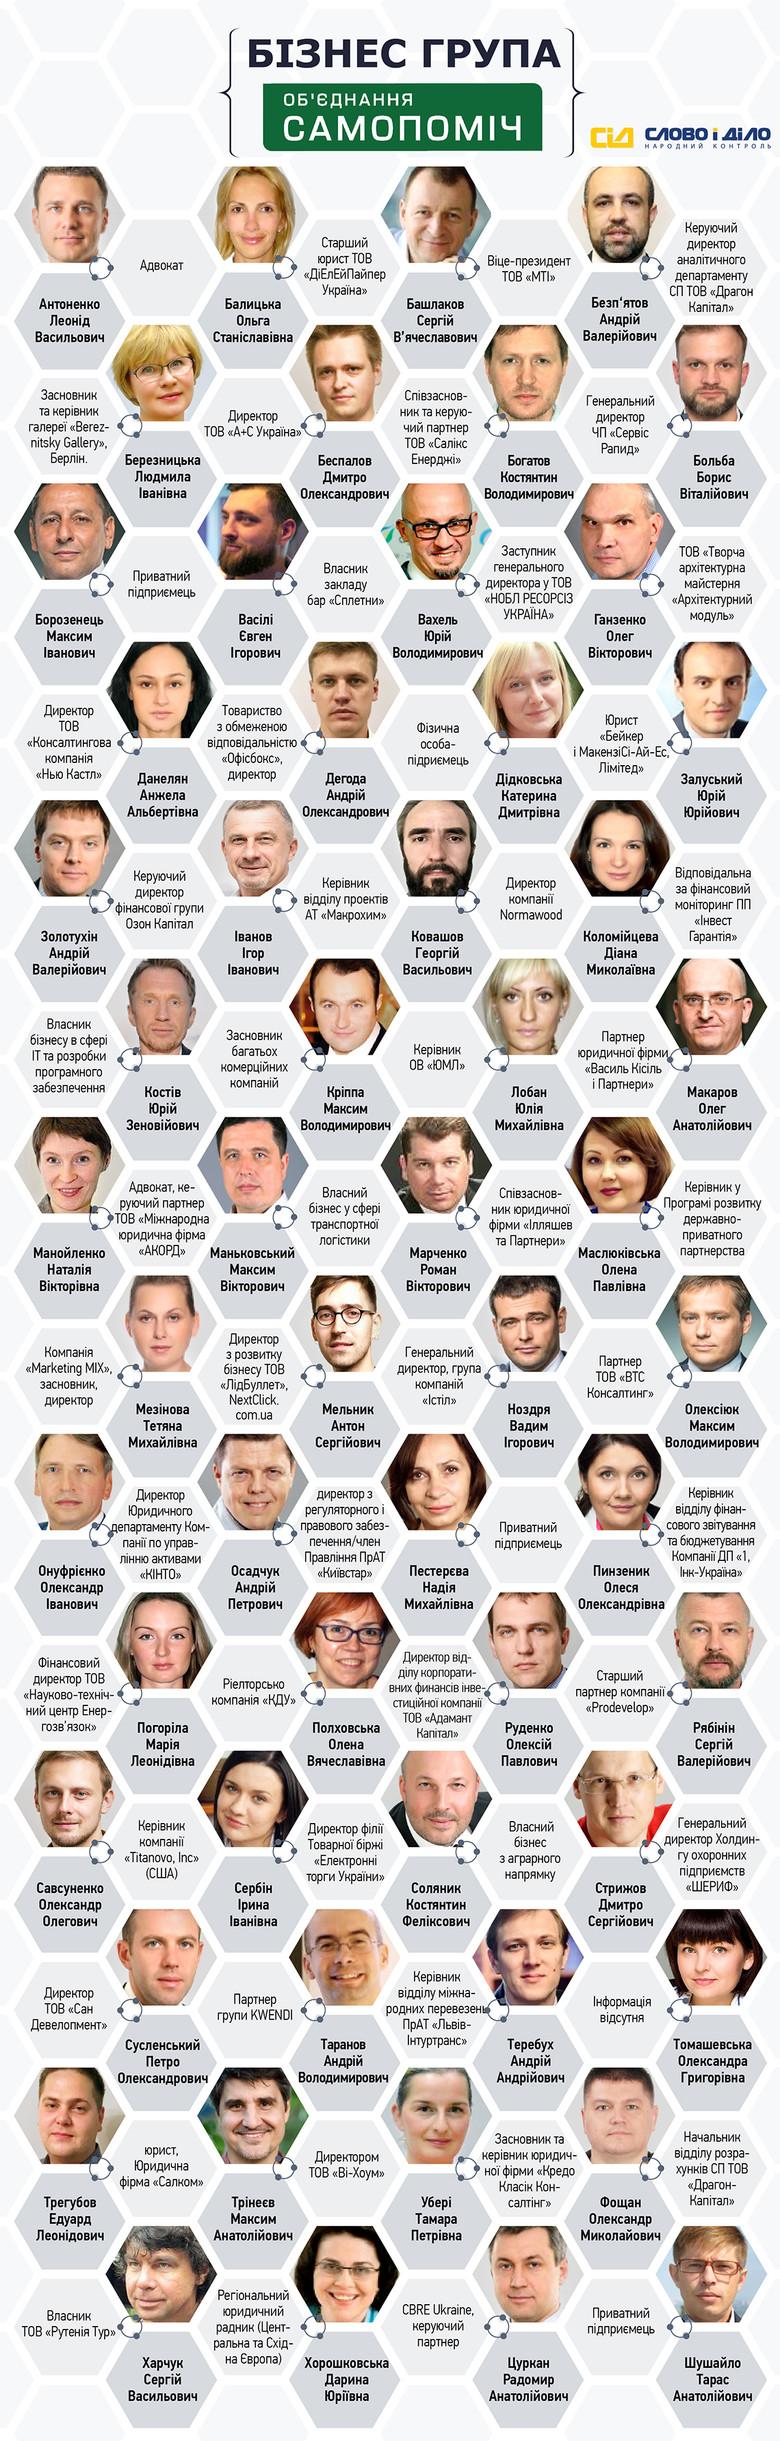 «Слово і Діло» вирішило більш детально проаналізувати передвиборчий список «Об'єднання «Самопоміч», розділивши кандидатів відповідно до сфер їхньої діяльності.